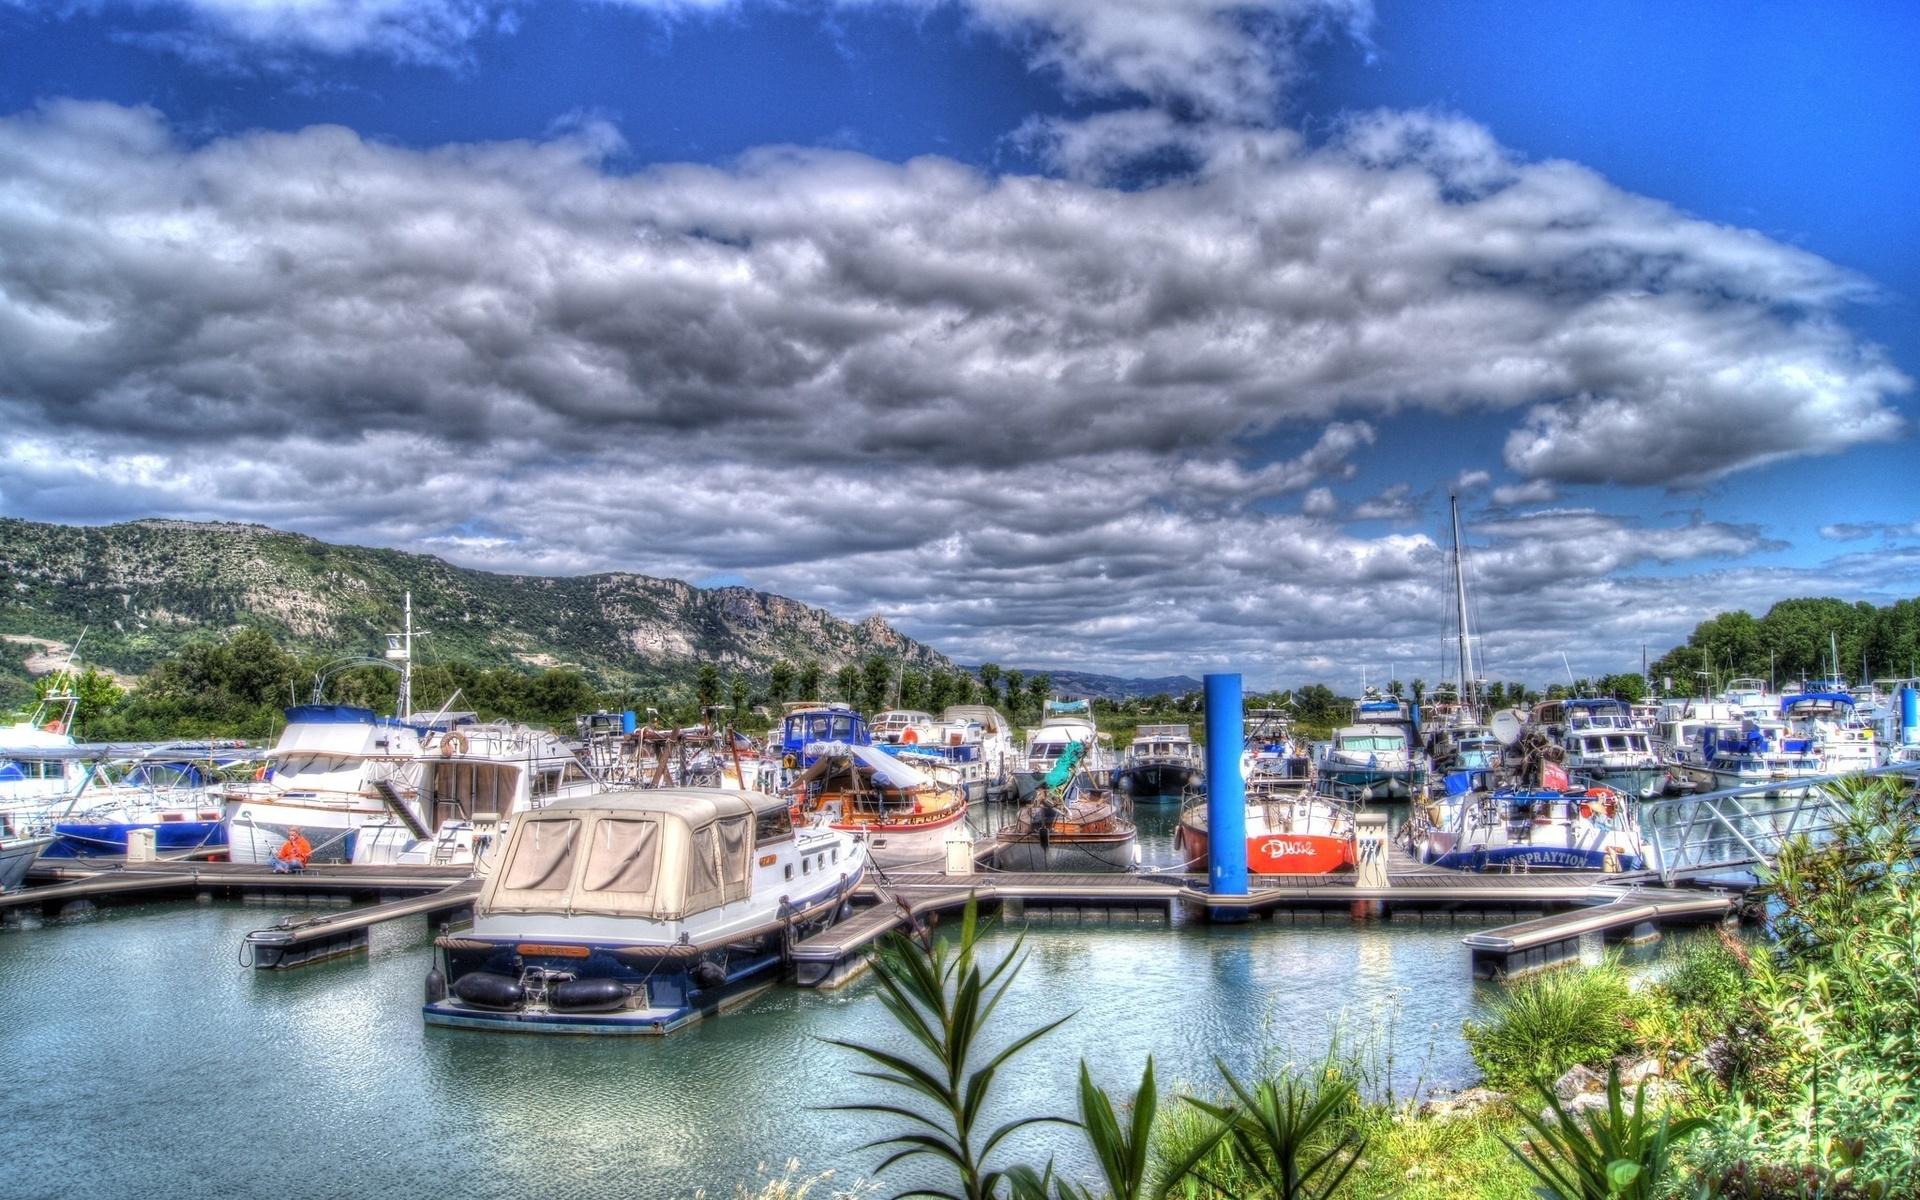 катера, порт, природа, небо,облака